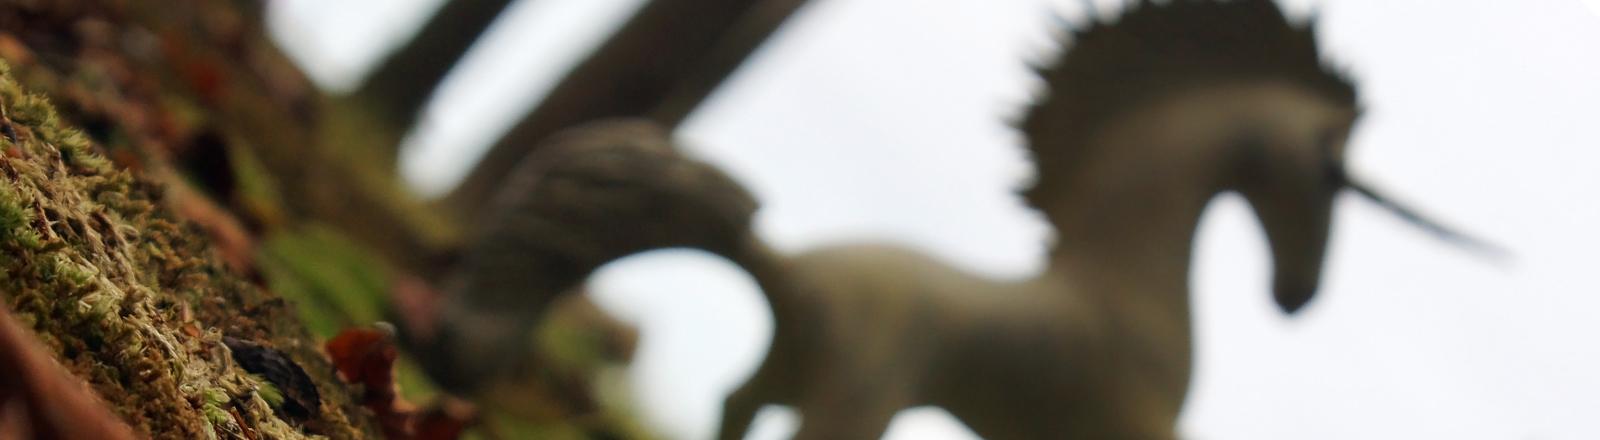 Ein recht unscharf fotografiertes Einhorn bäumt sich vor einem Menschen auf.